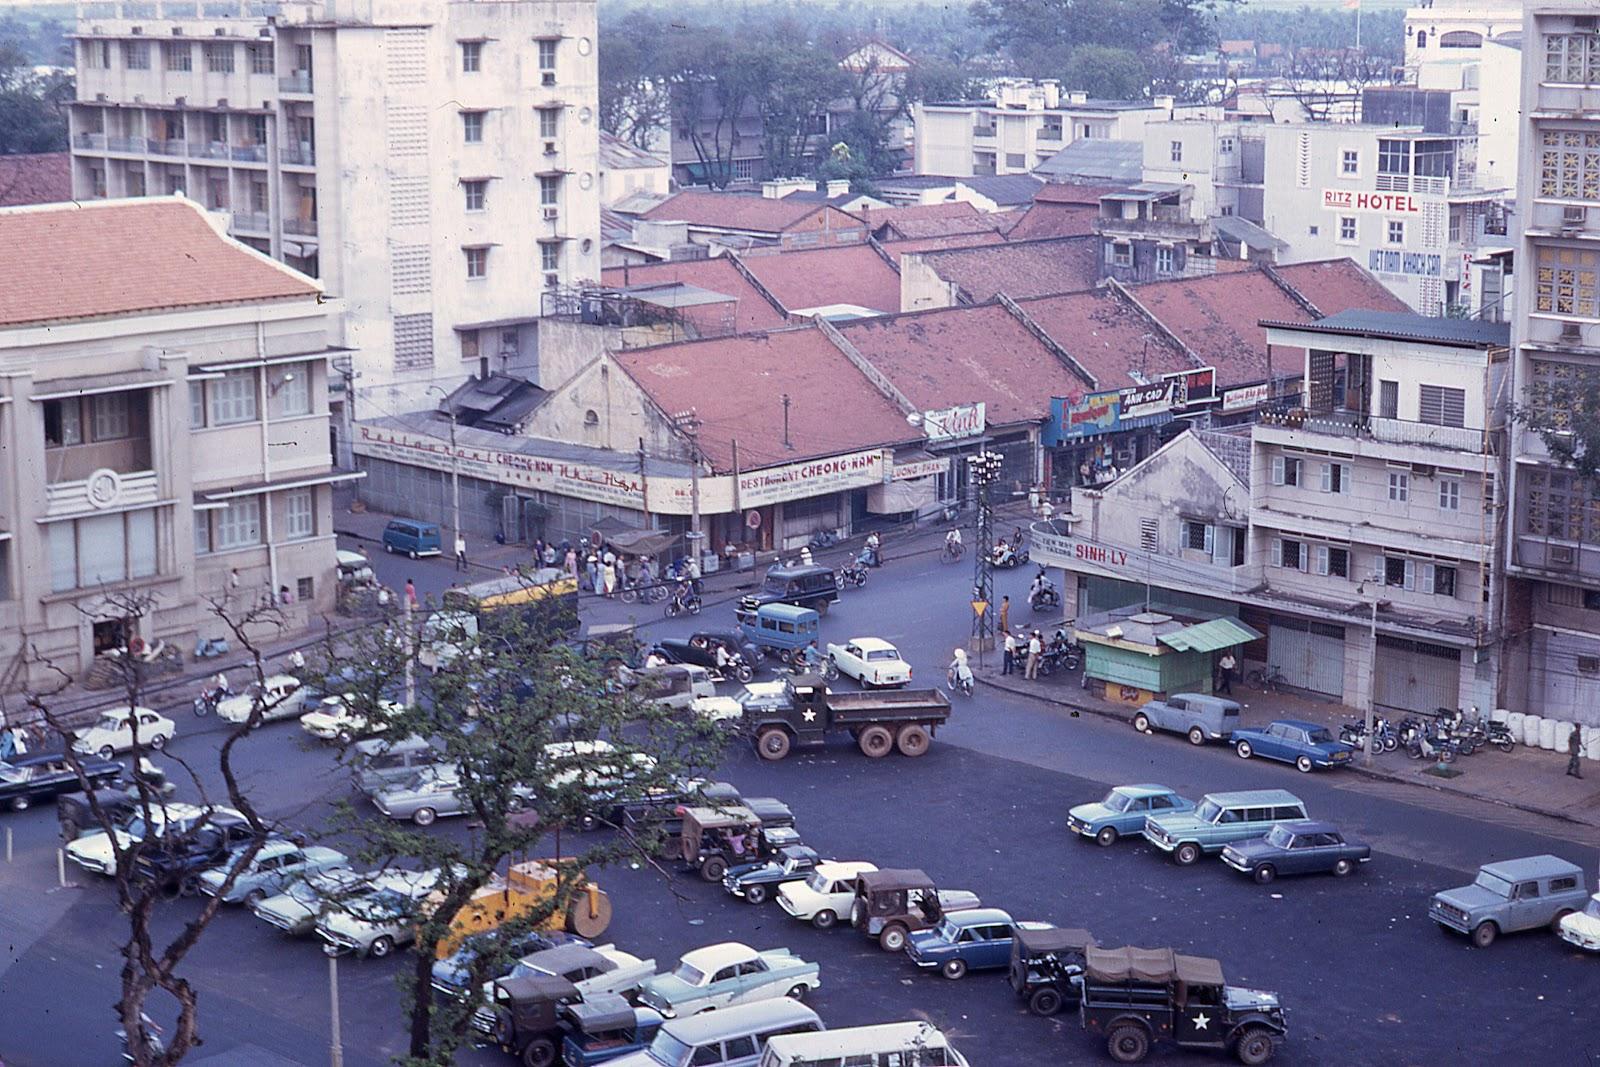 60 tấm ảnh màu đẹp nhất của đường phố Saigon thập niên 1960-1970 - 67